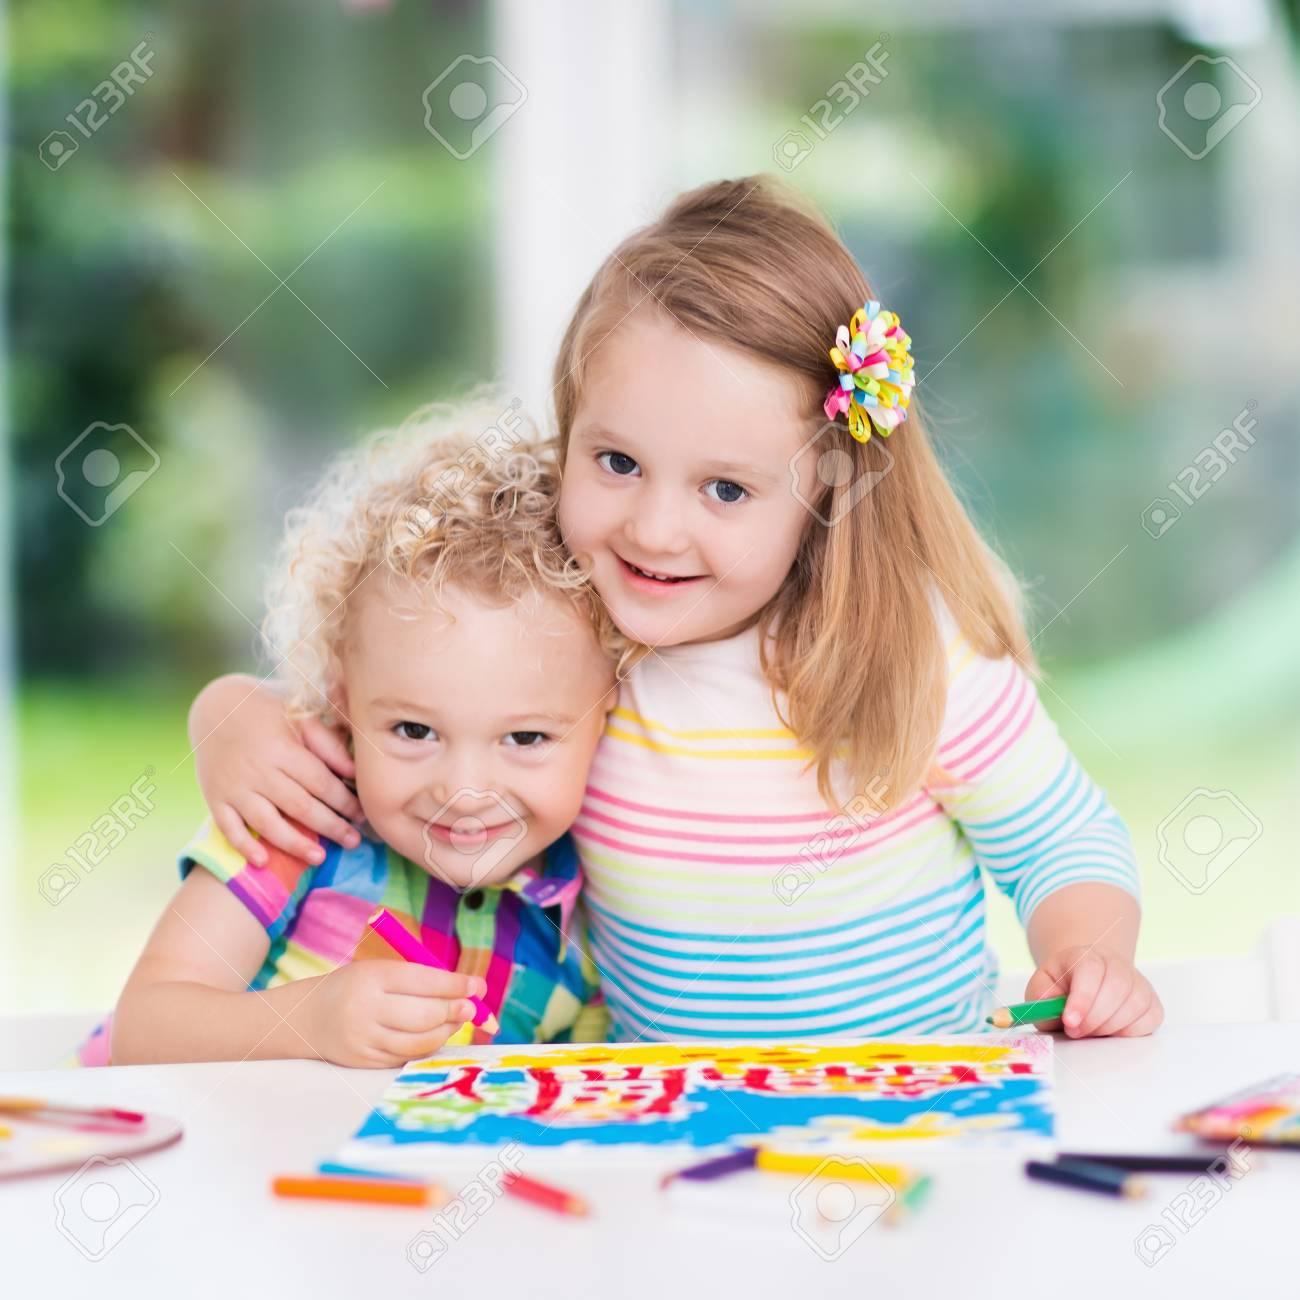 Niño Y Niña Dibujan Juntos En La Sala Blanca Con Ventana. Niños ...